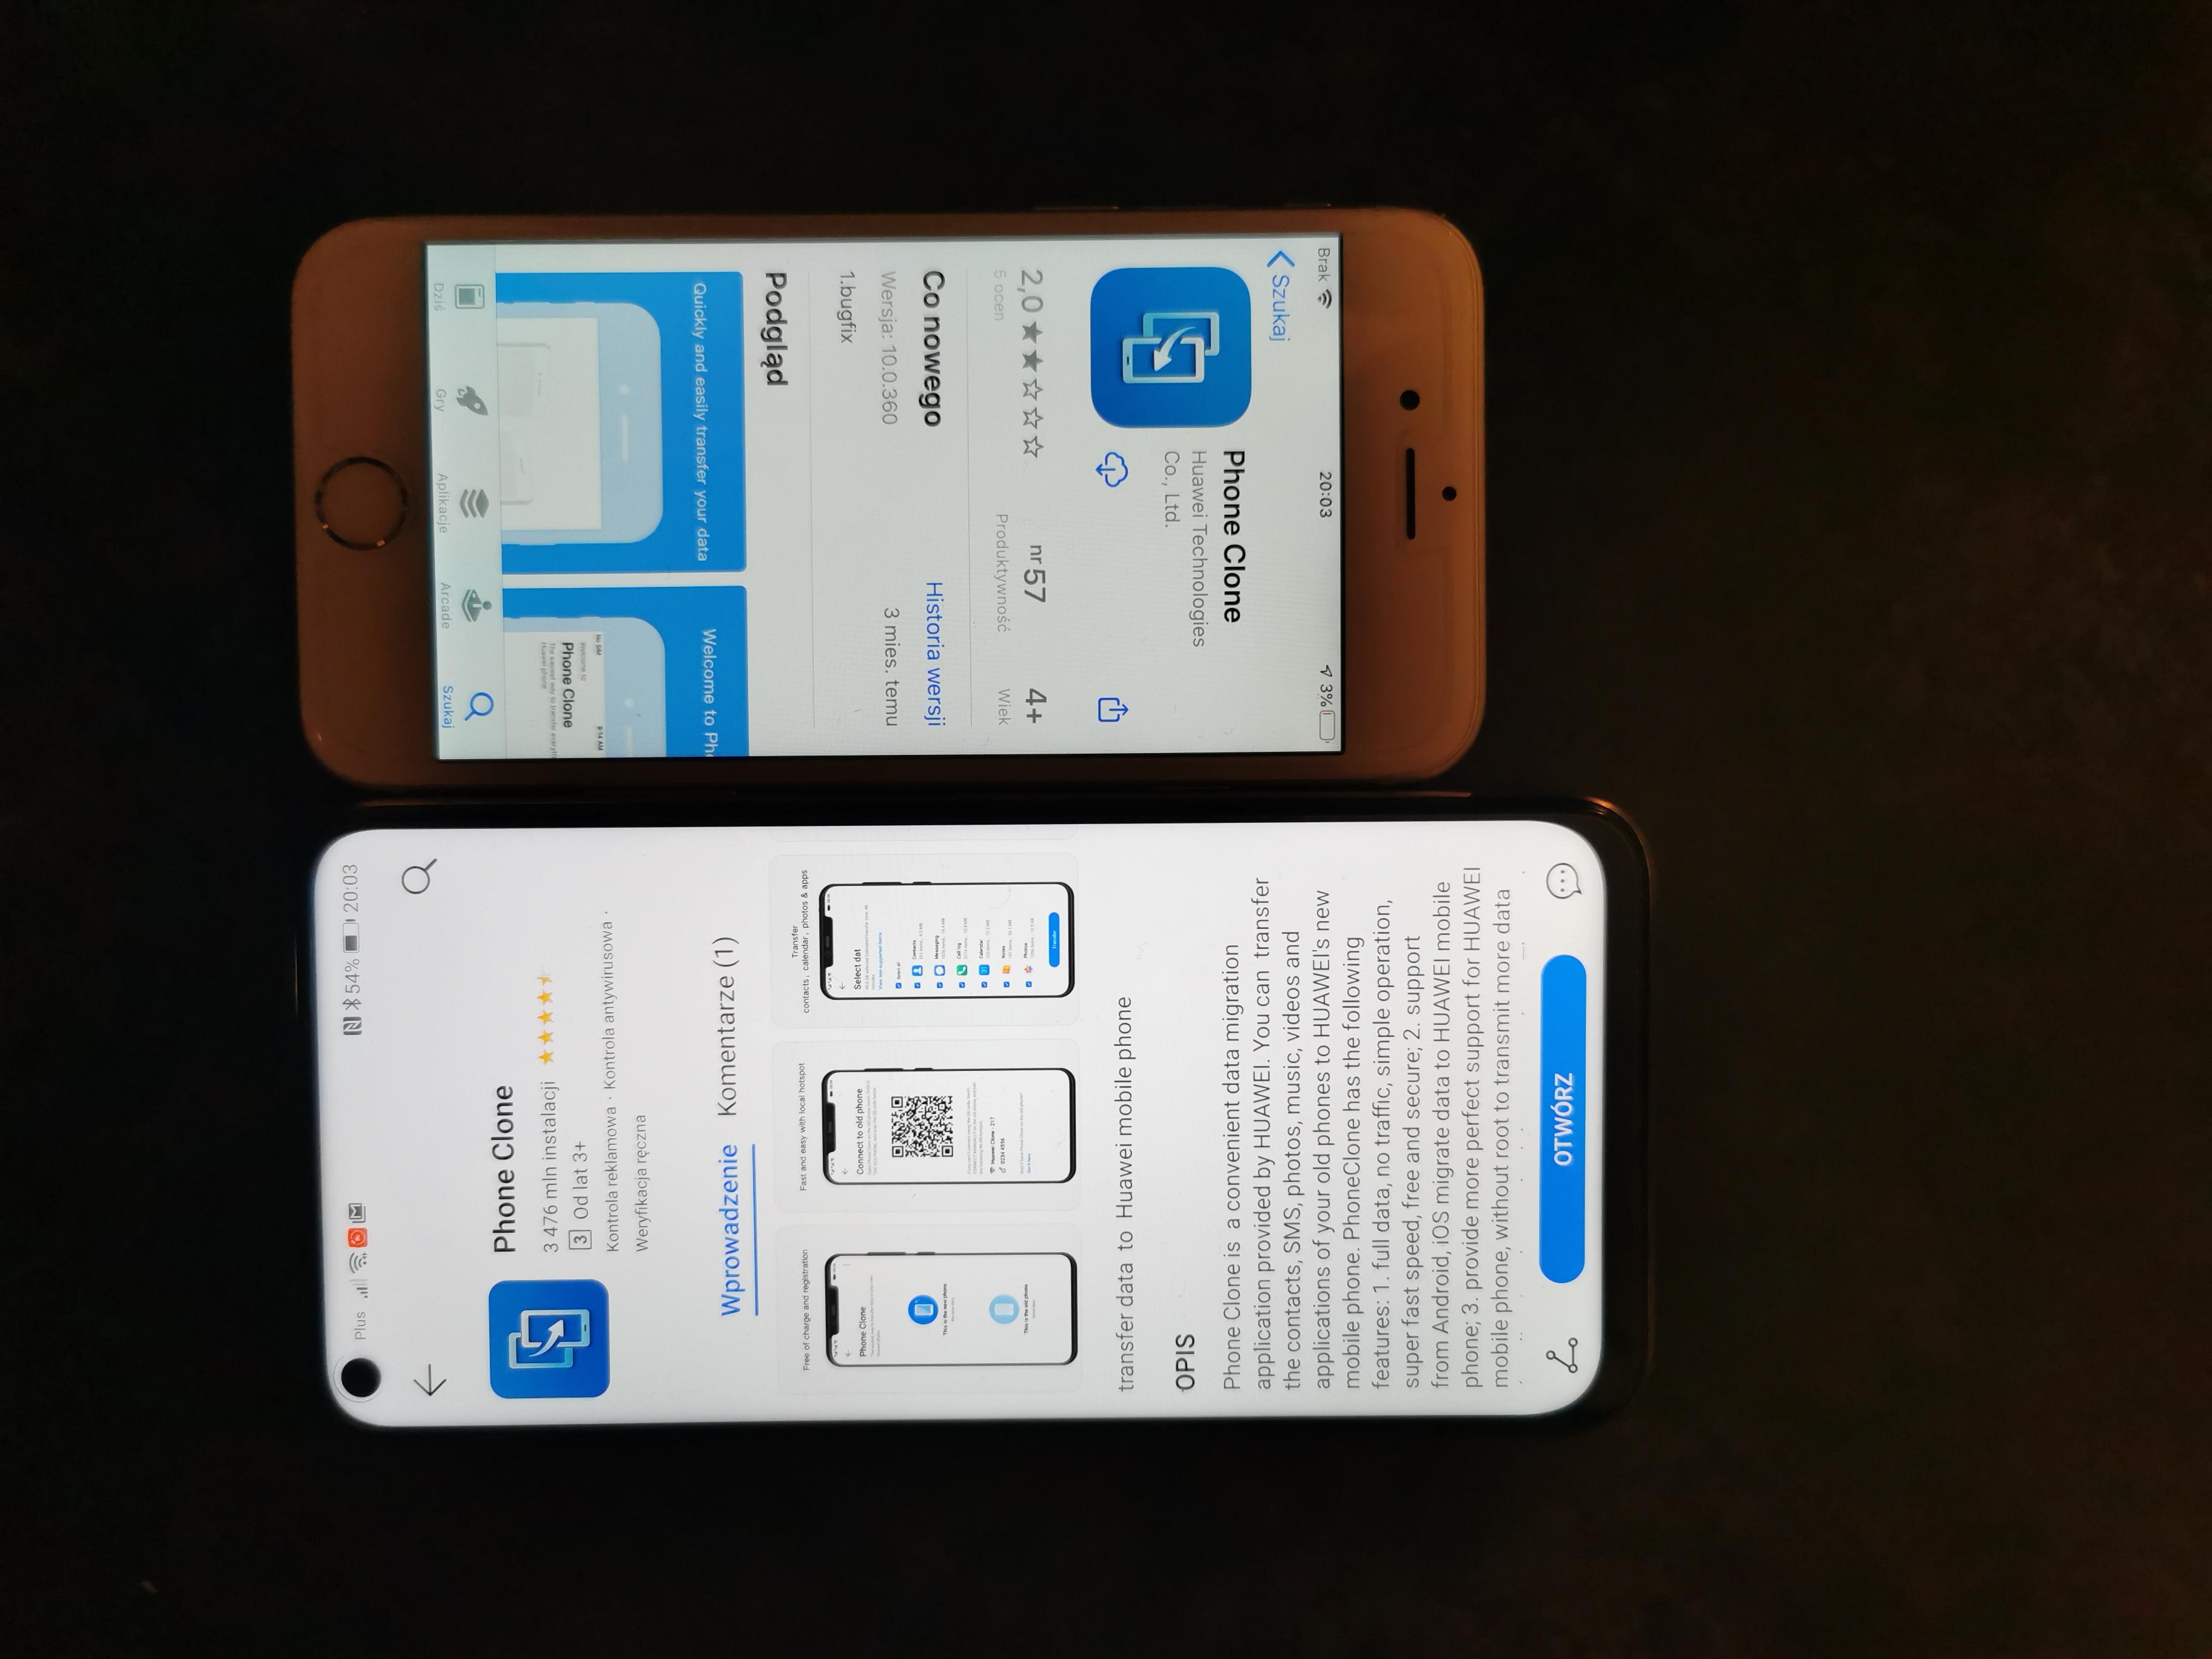 Smartfon z Huawei Mobile Services jako następca iPhone'a? Sprawdziliśmy to